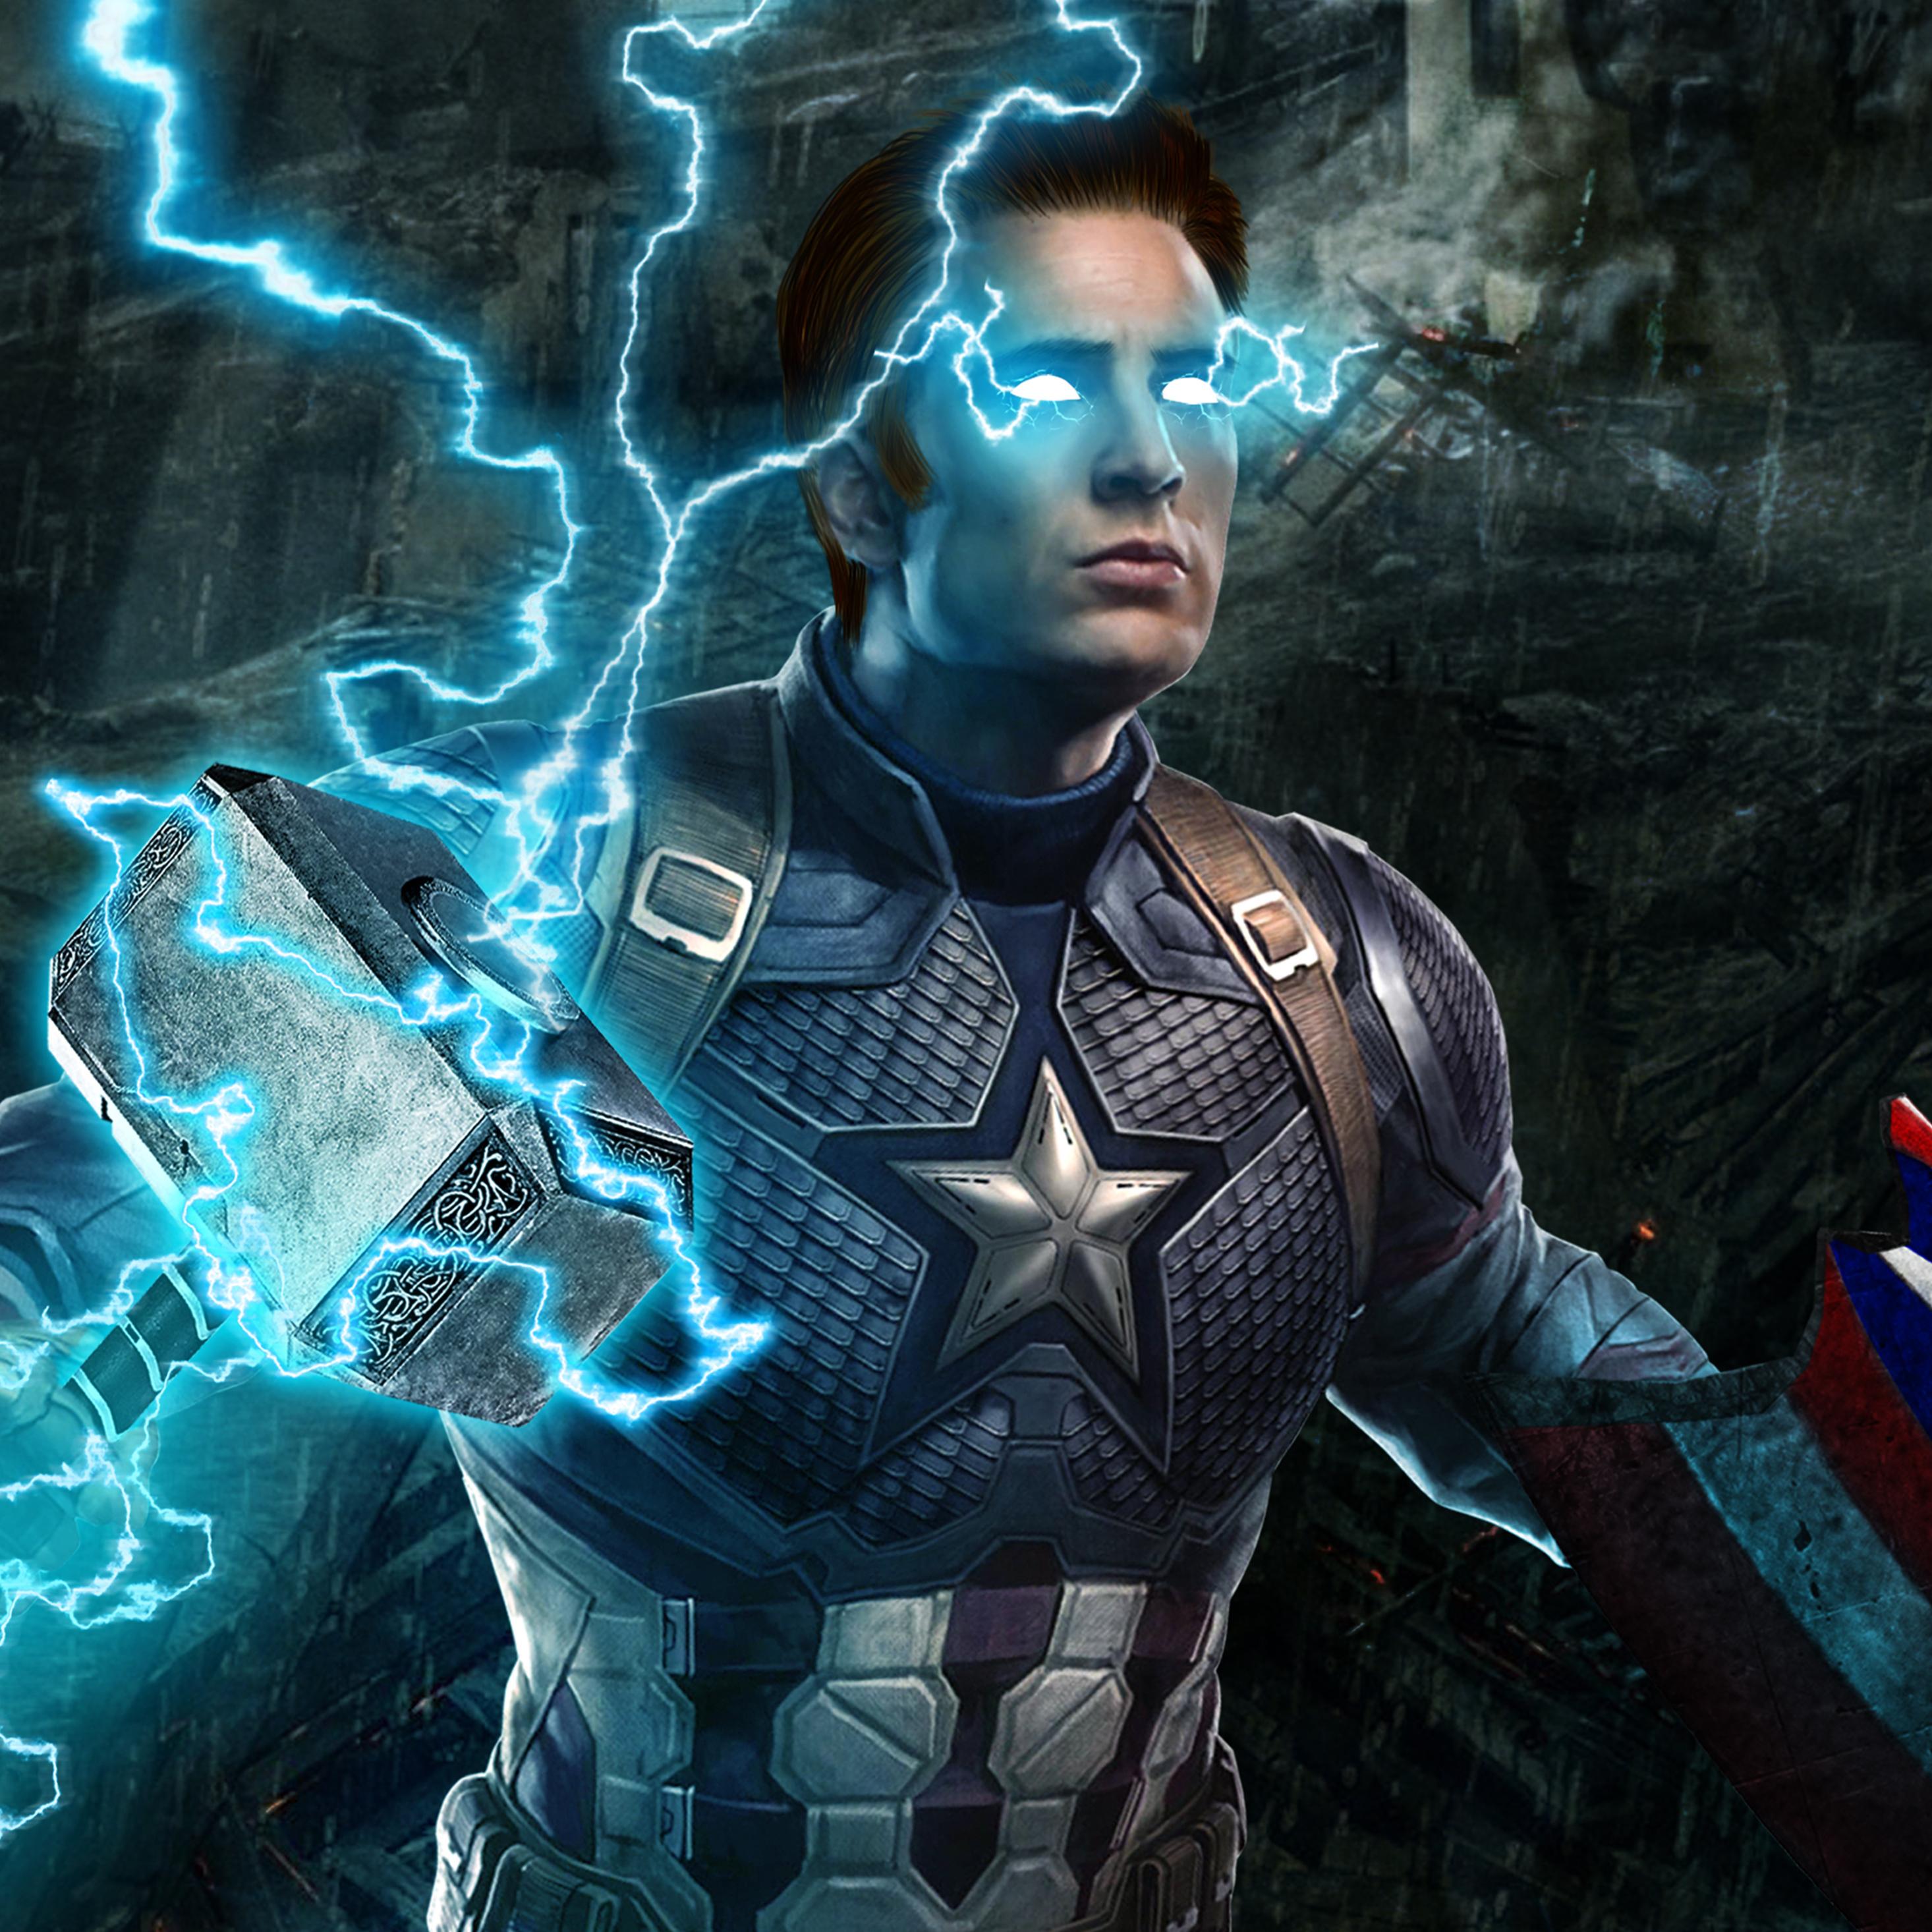 2932x2932 Captain America Mjolnir Avengers Endgame 4k Ipad ...